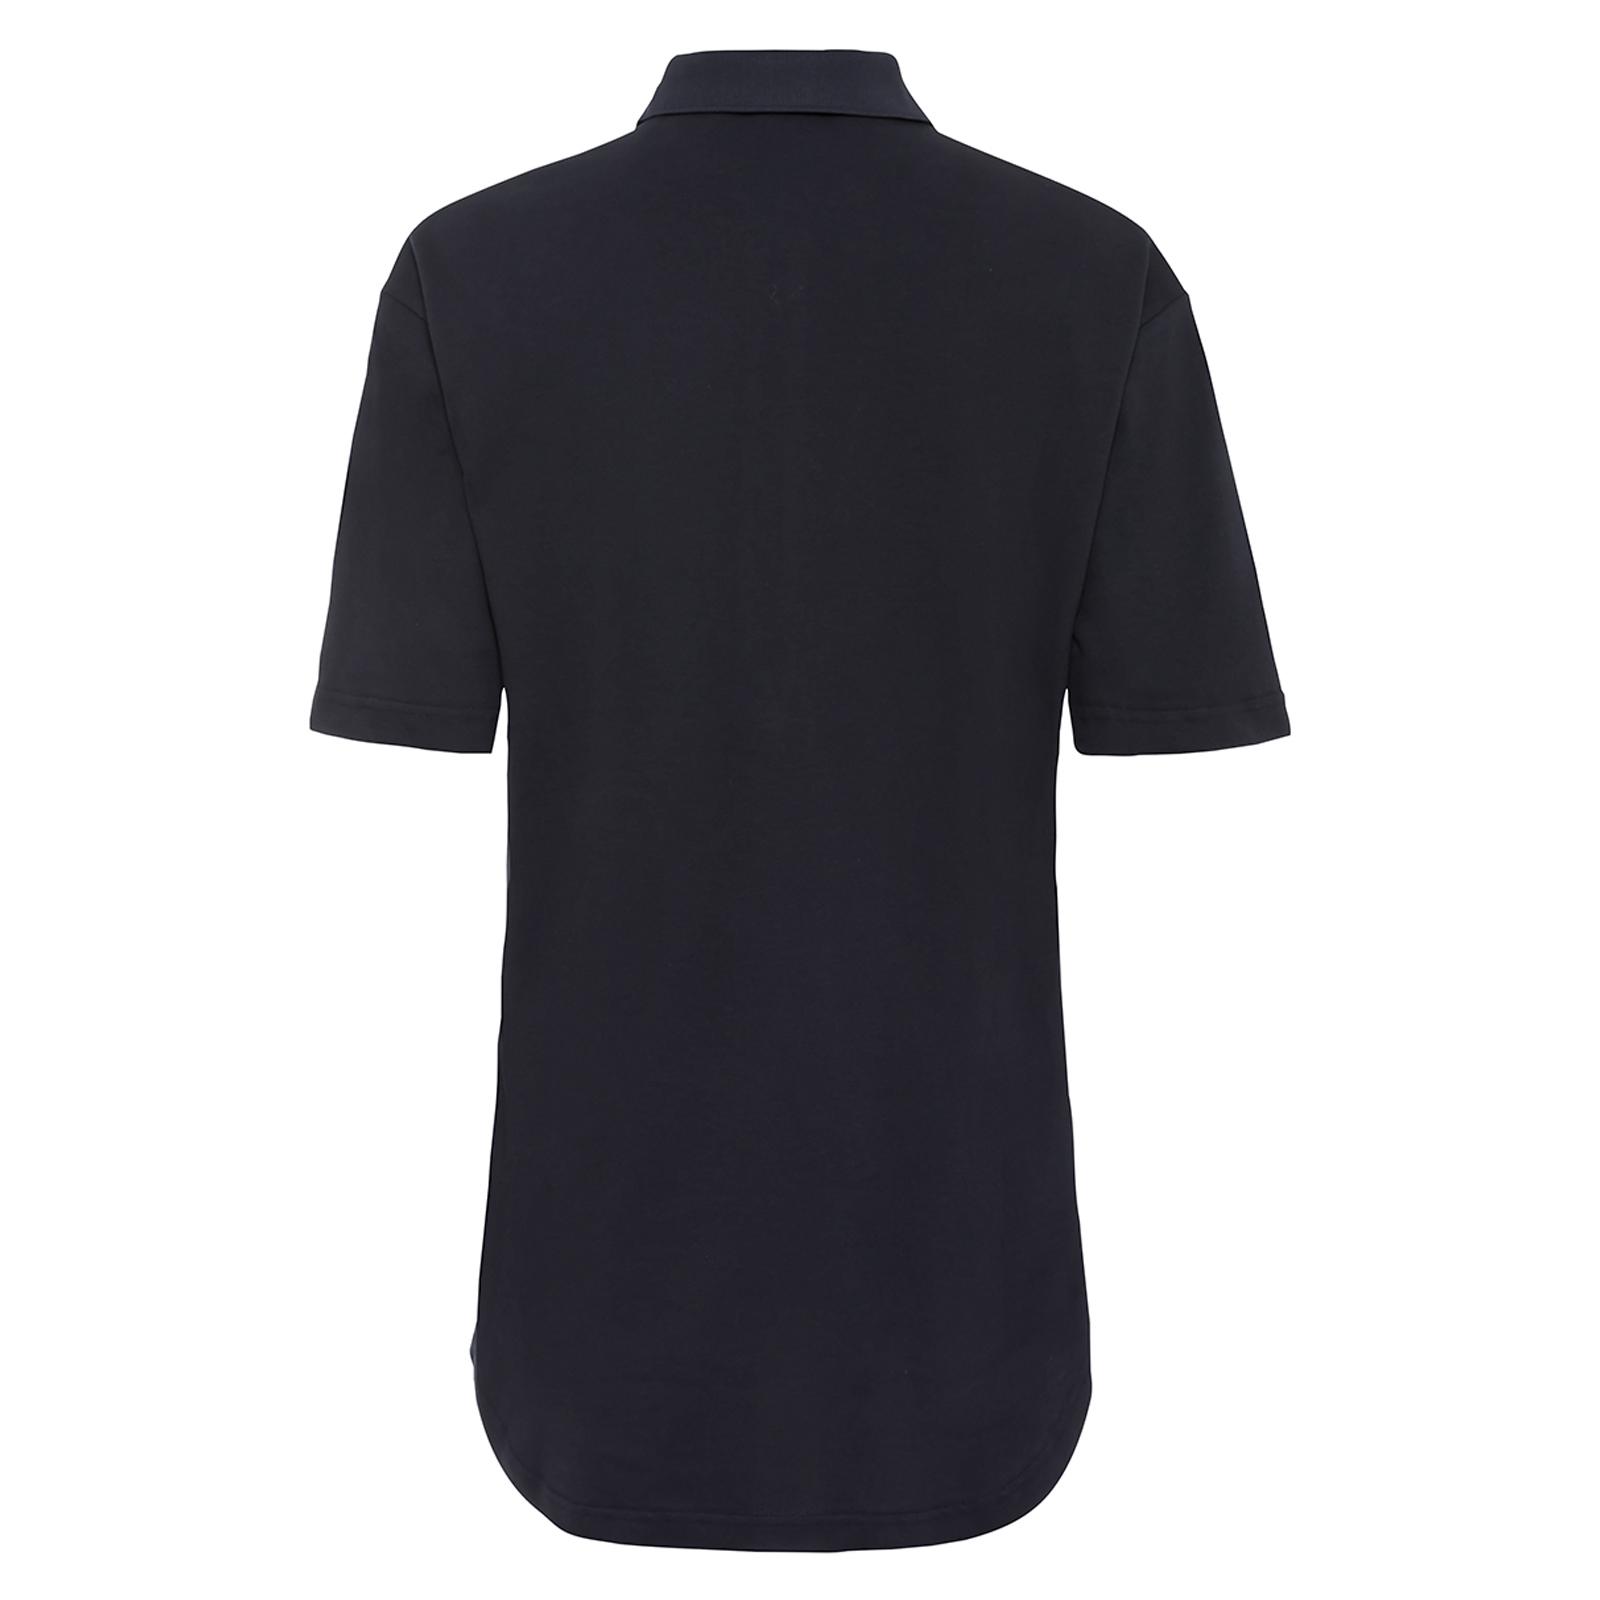 Damen Kurzarm Polo Shirt Extra Stretch Komfort aus Baumwoll-Mix